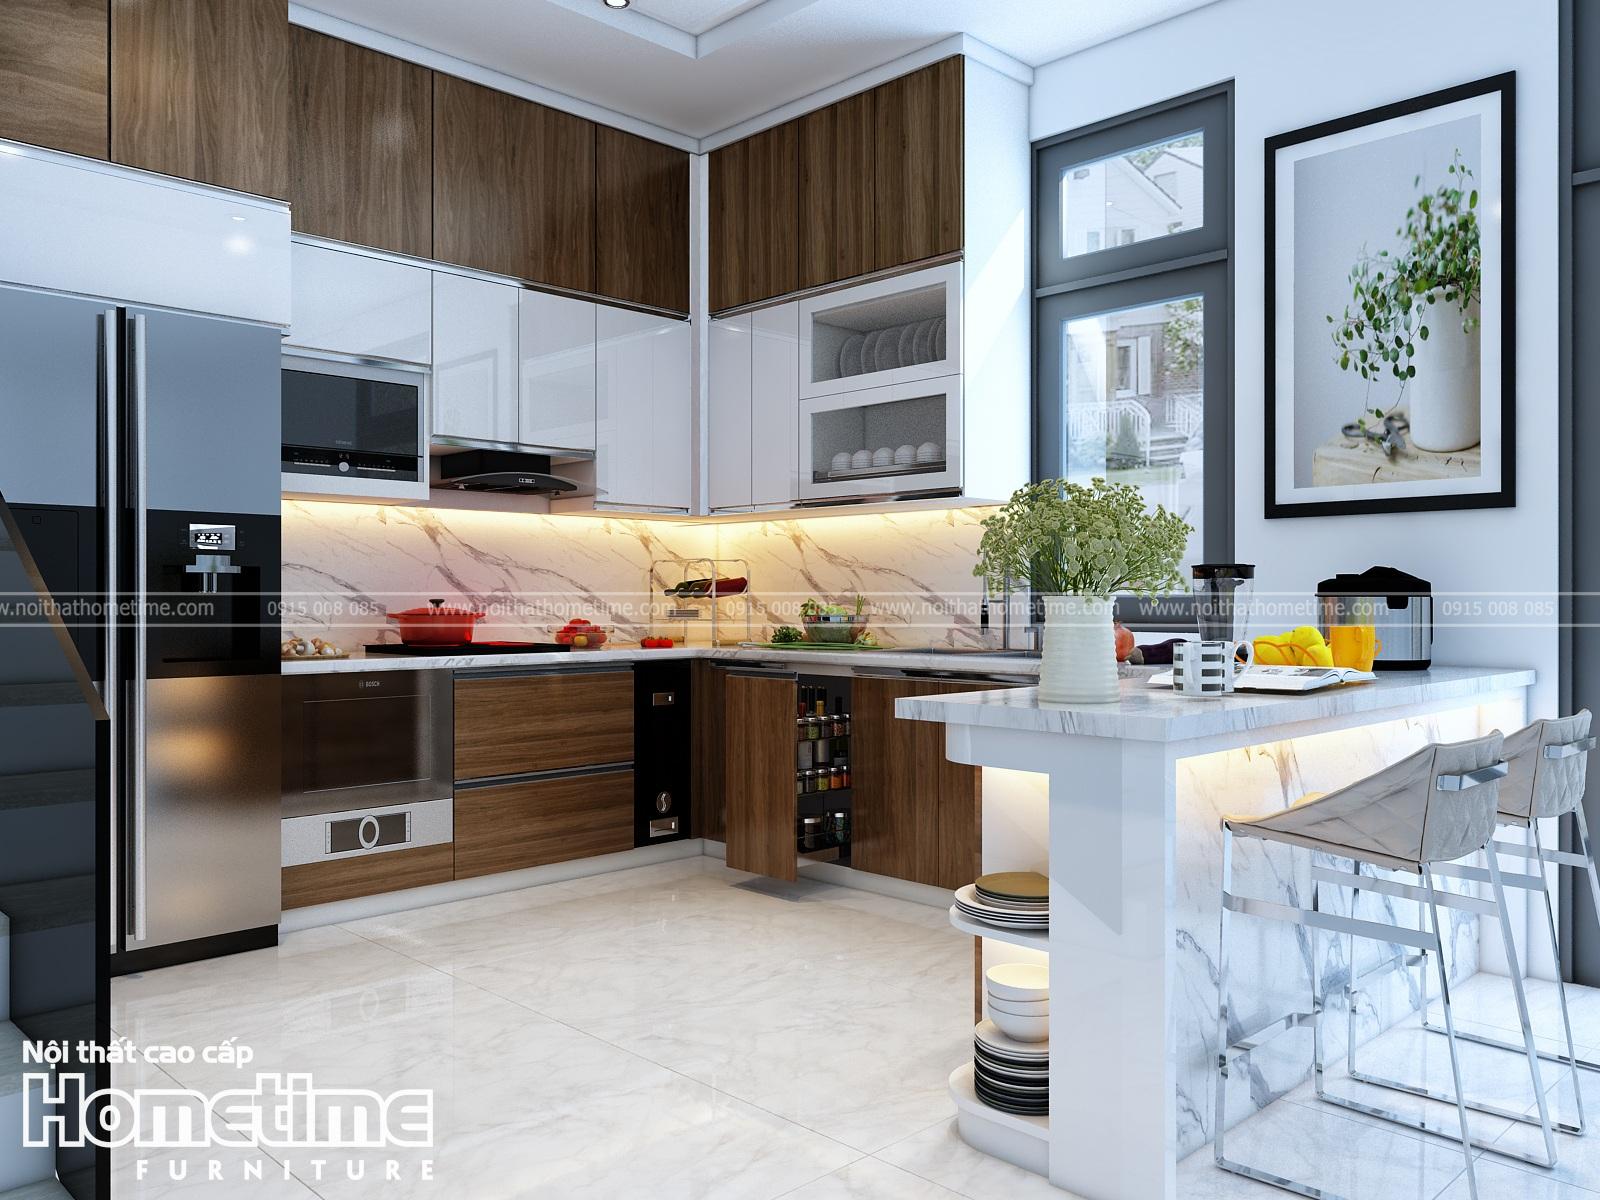 Các mẫu thiết kế tủ bếp đẹp dành cho biệt thự cao cấp